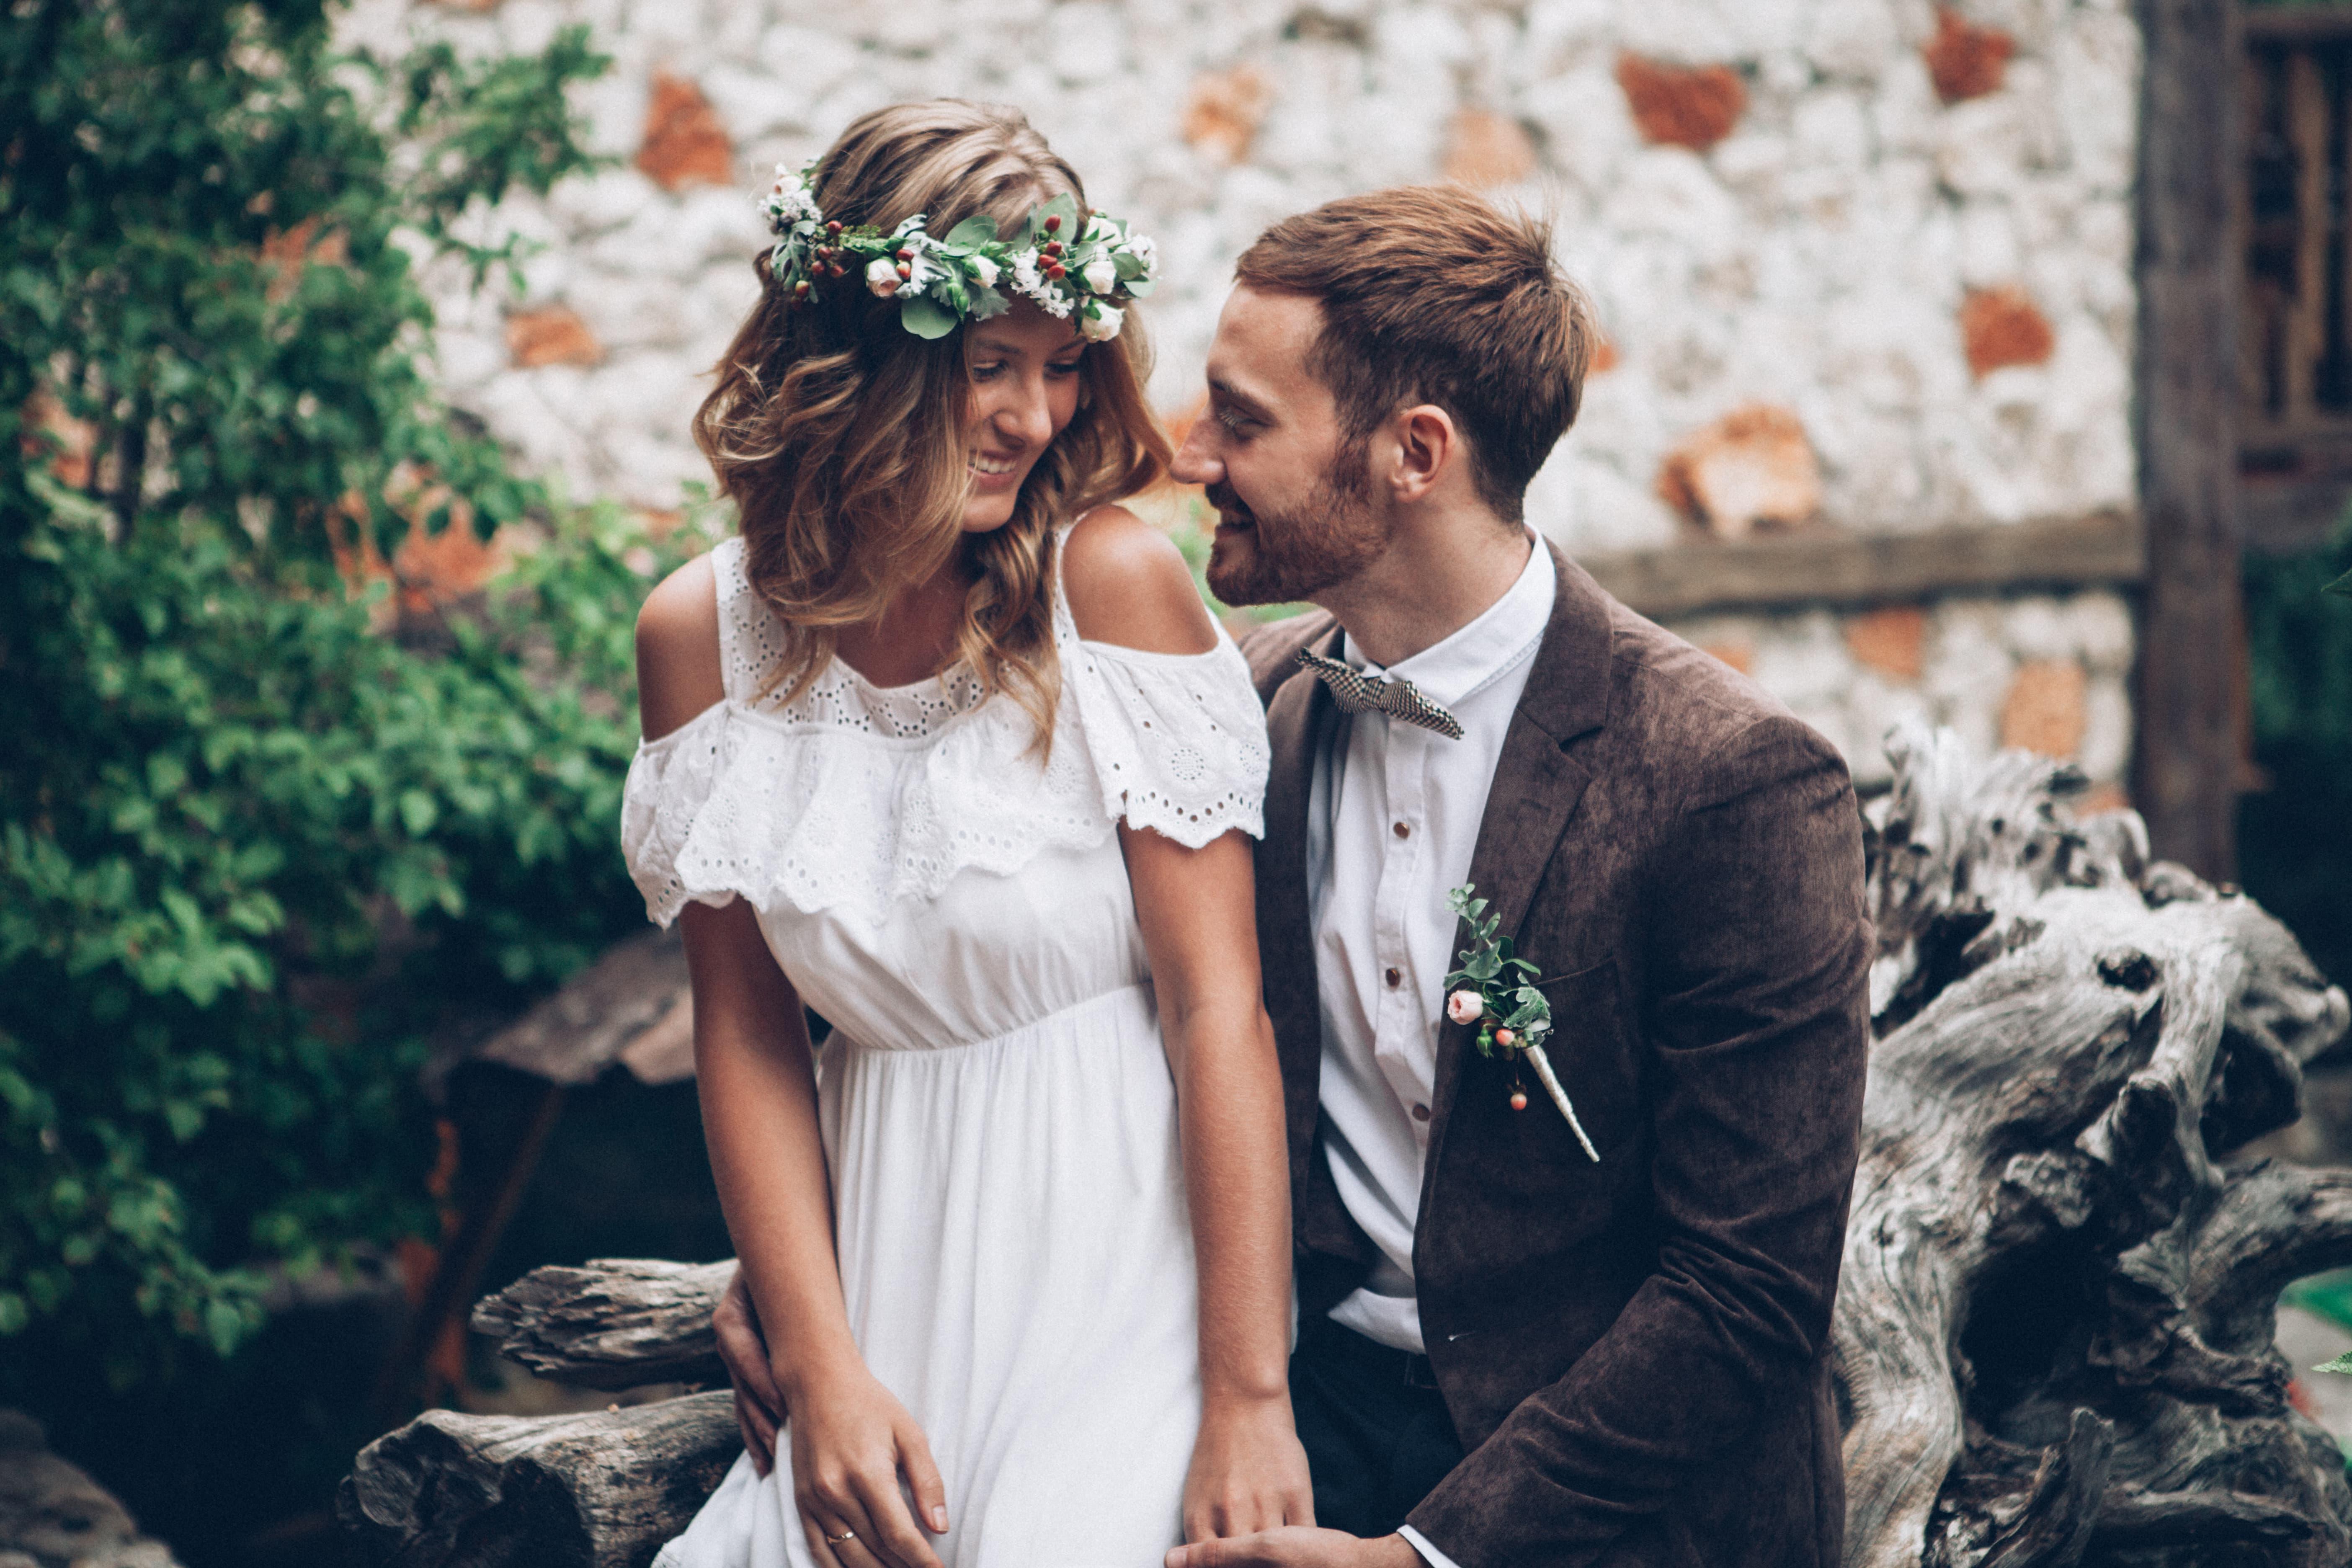 Lo mejor de celebrar una boda en verano